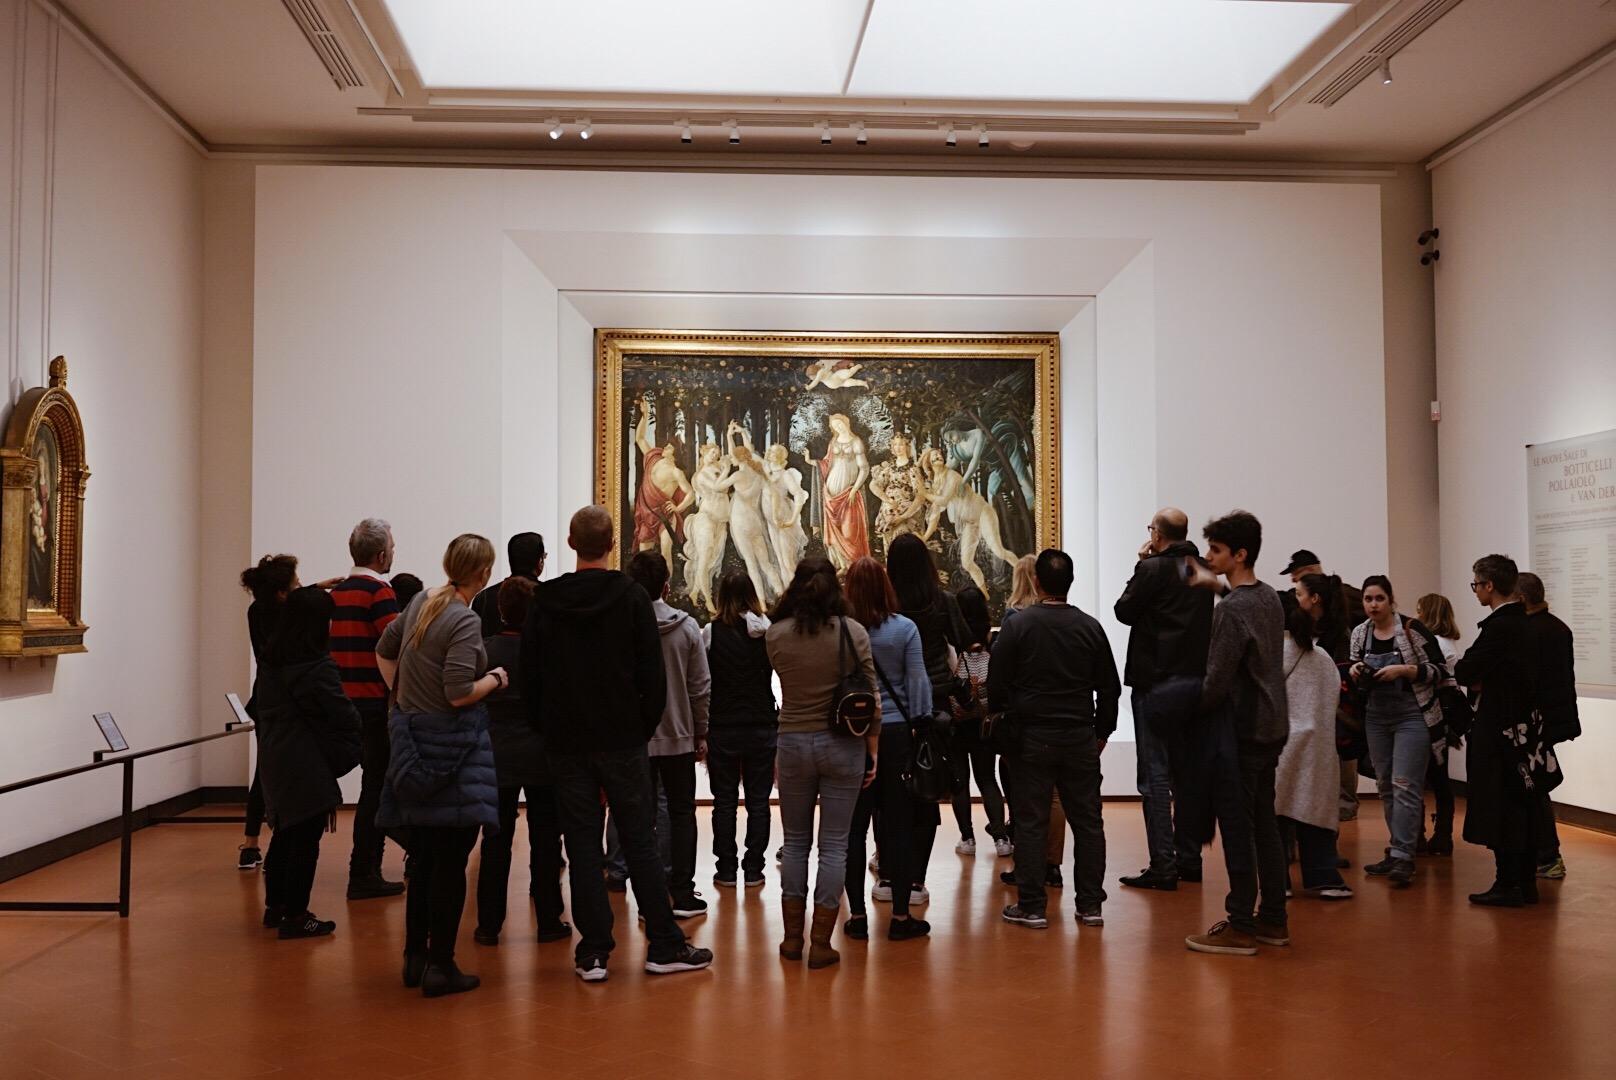 Botticelli's La Primavera at Uffizi Gallery